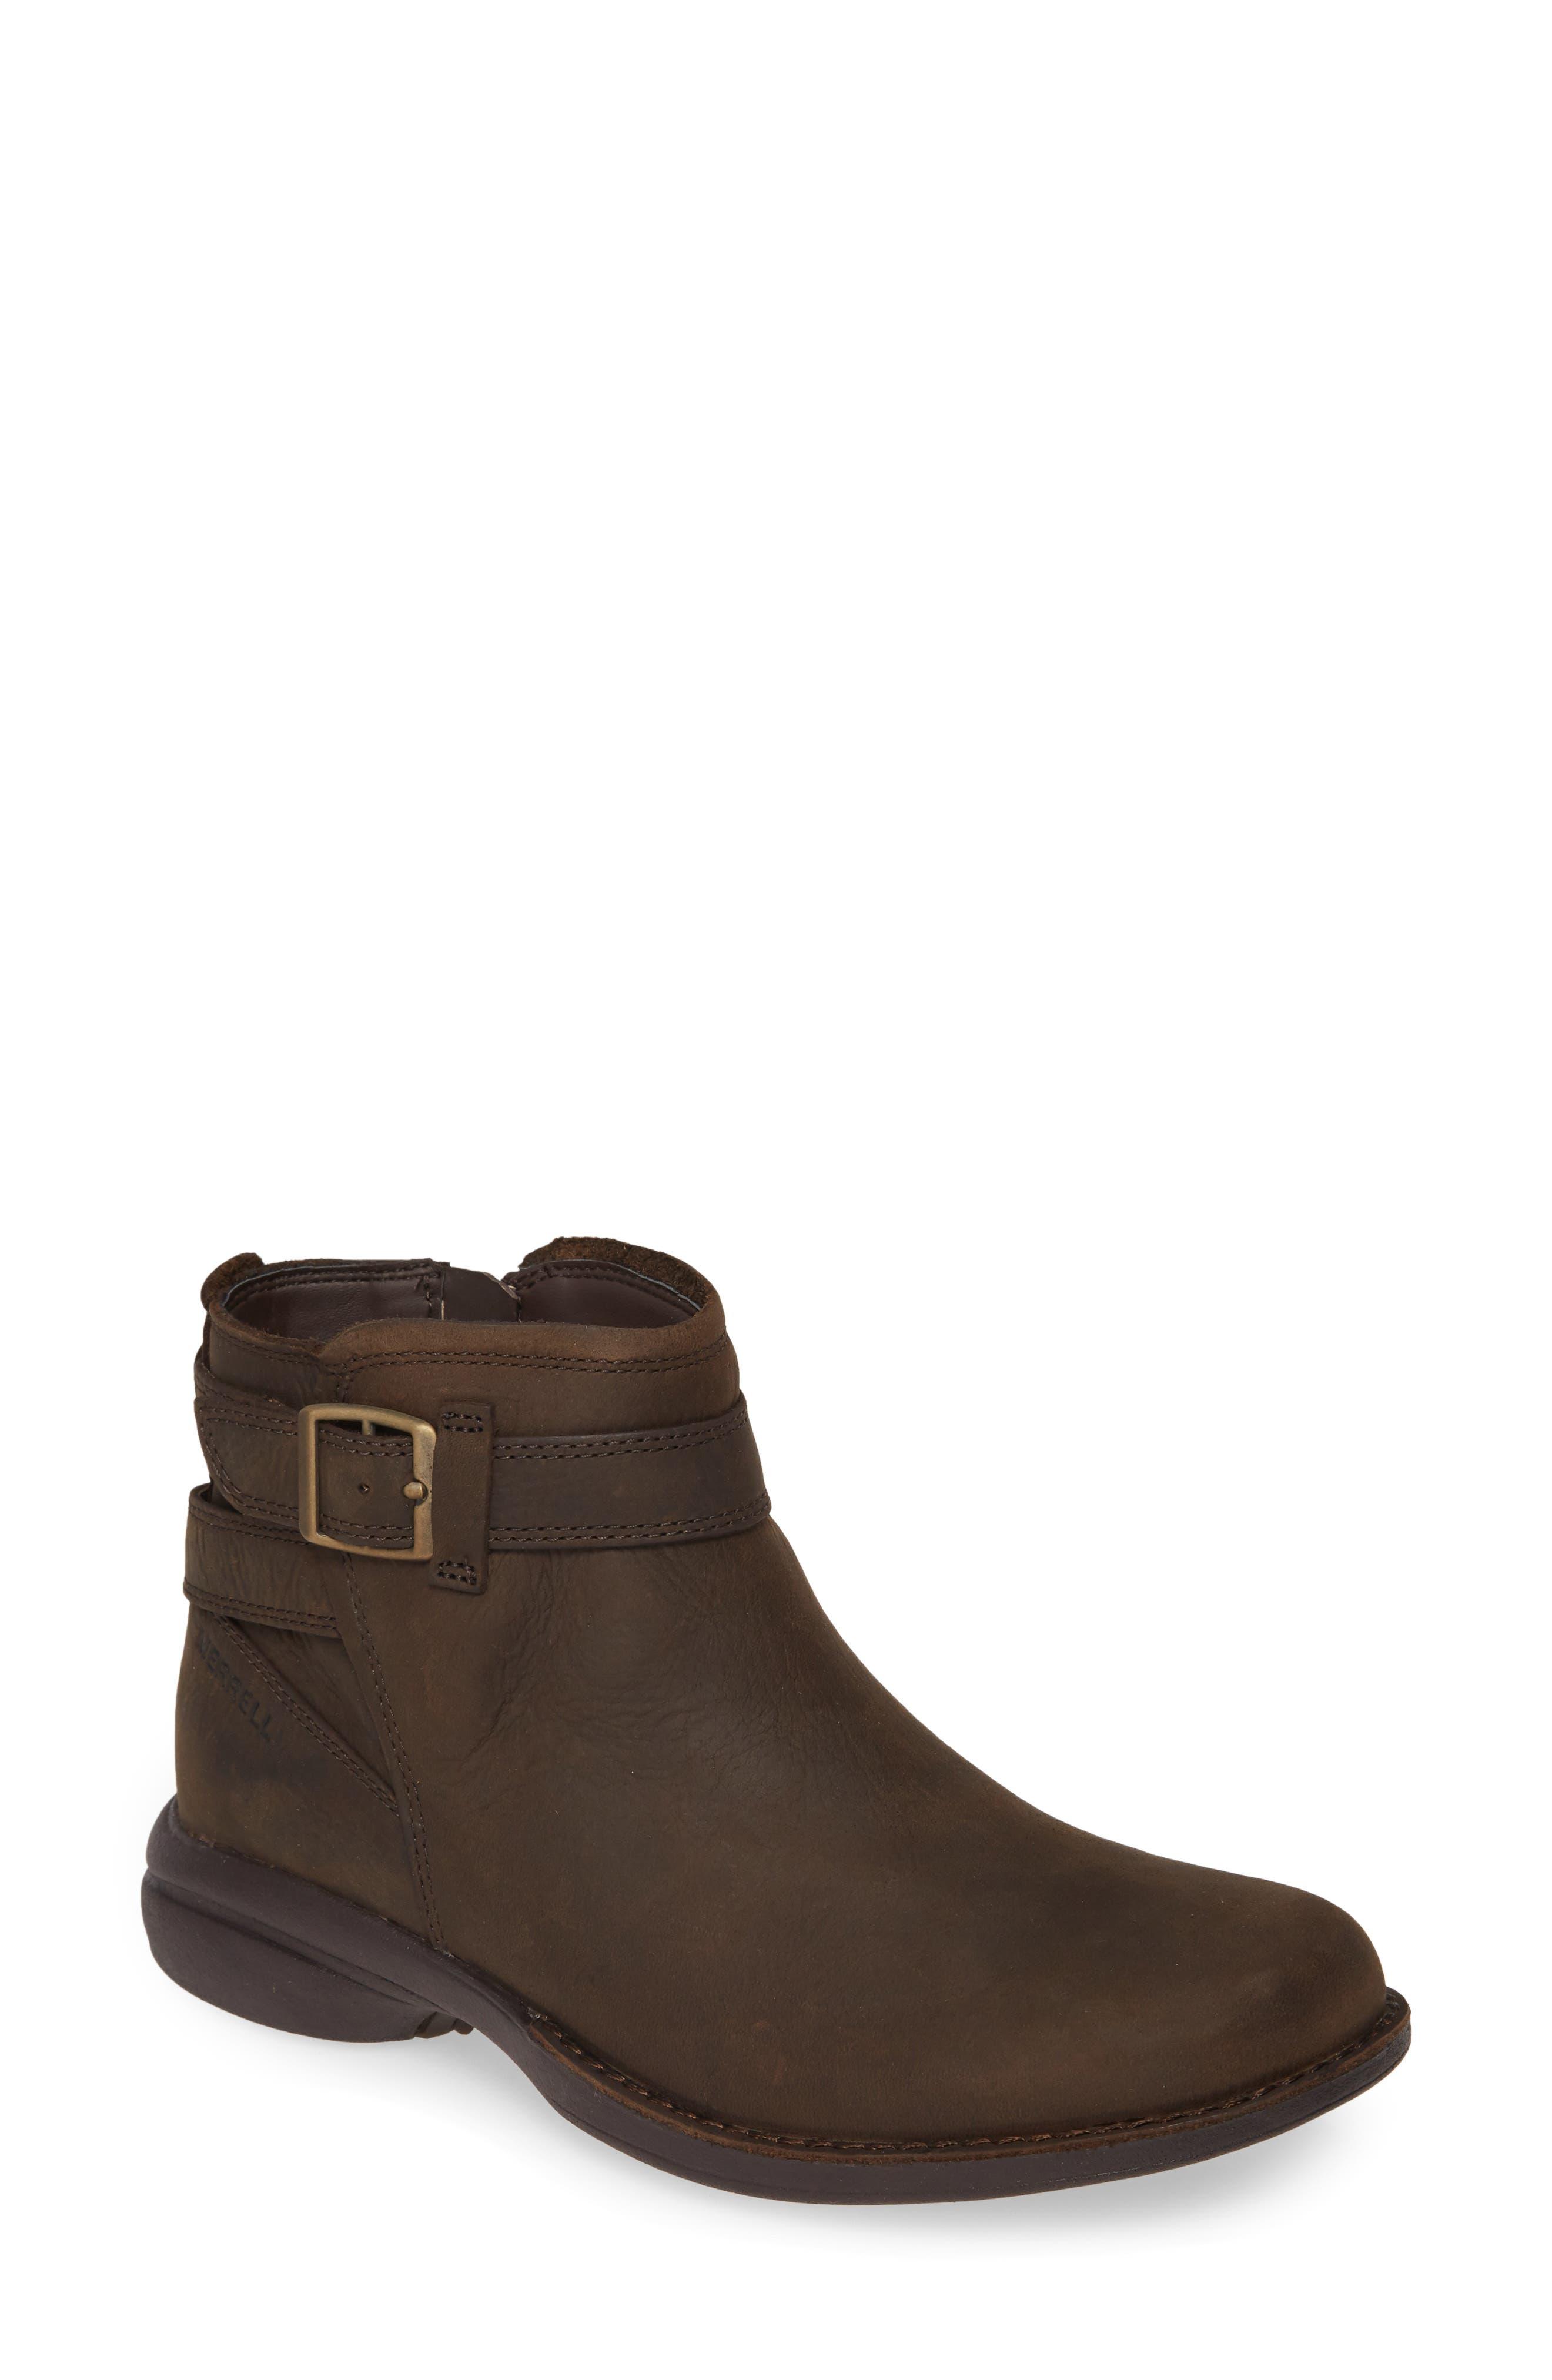 Women's Merrell Booties \u0026 Ankle Boots